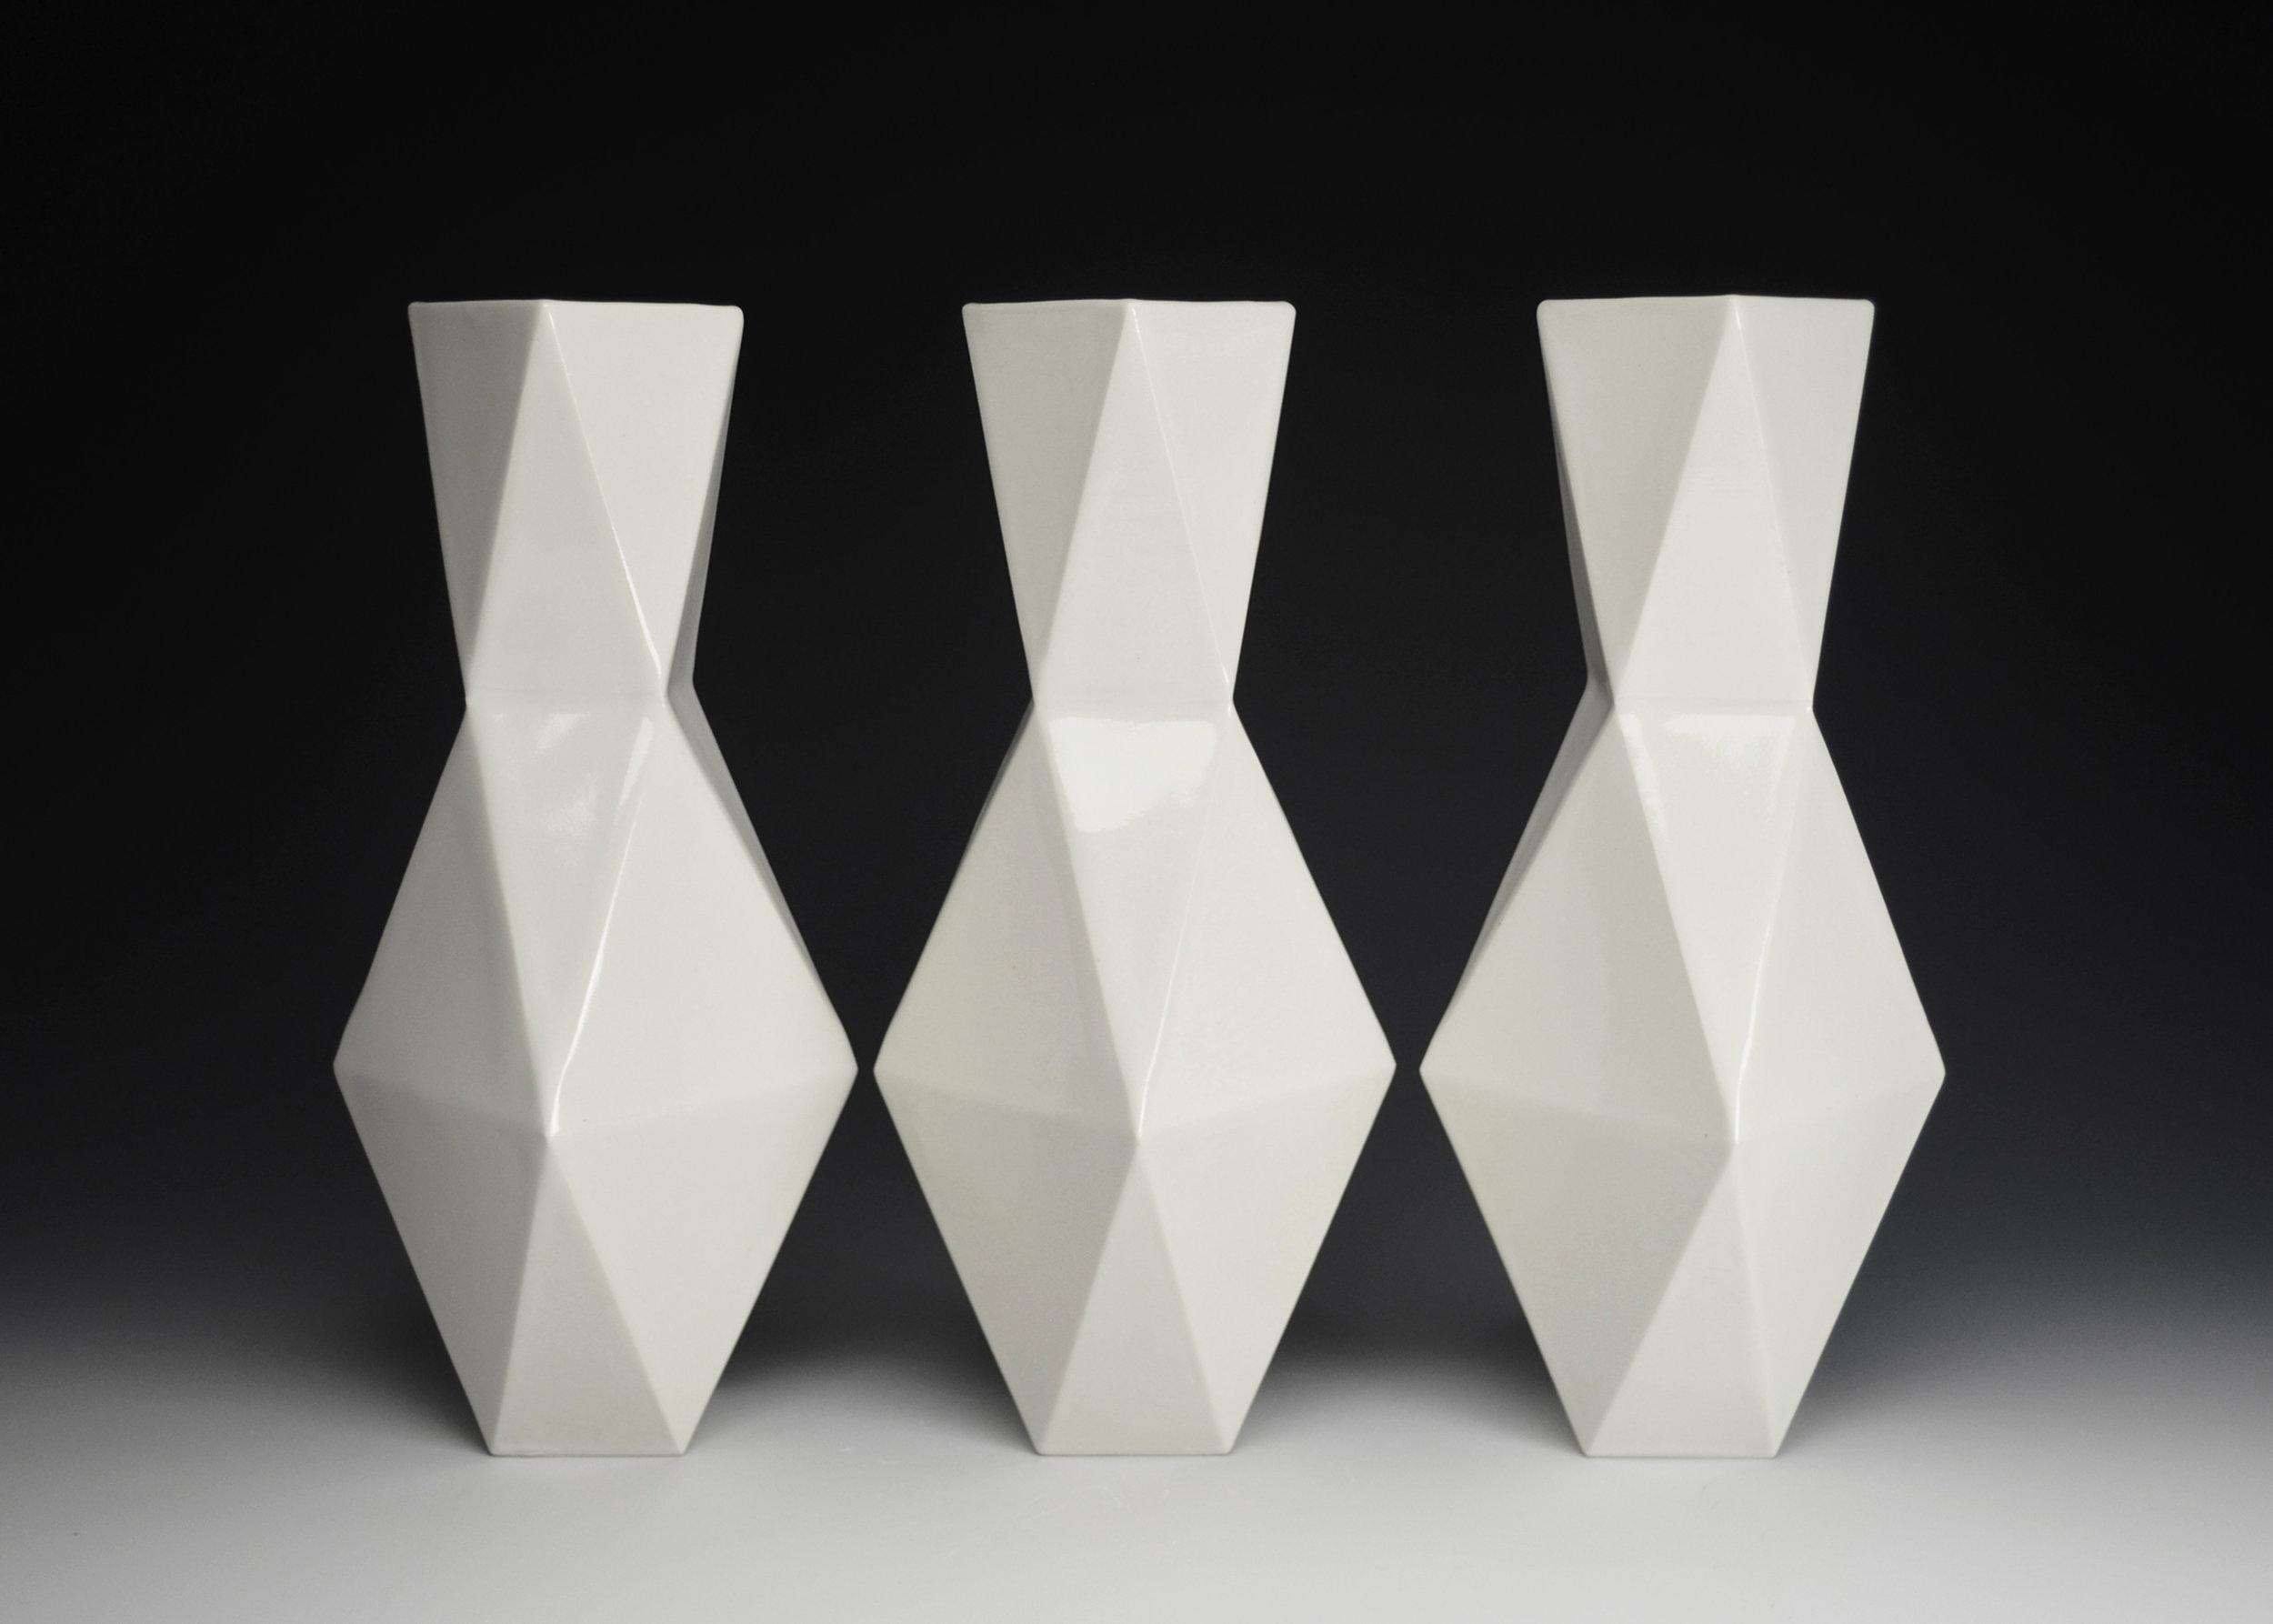 Vases (White)  |  12.5 x 5 x 5 inches  |  Porcelain, Glaze  |  2017